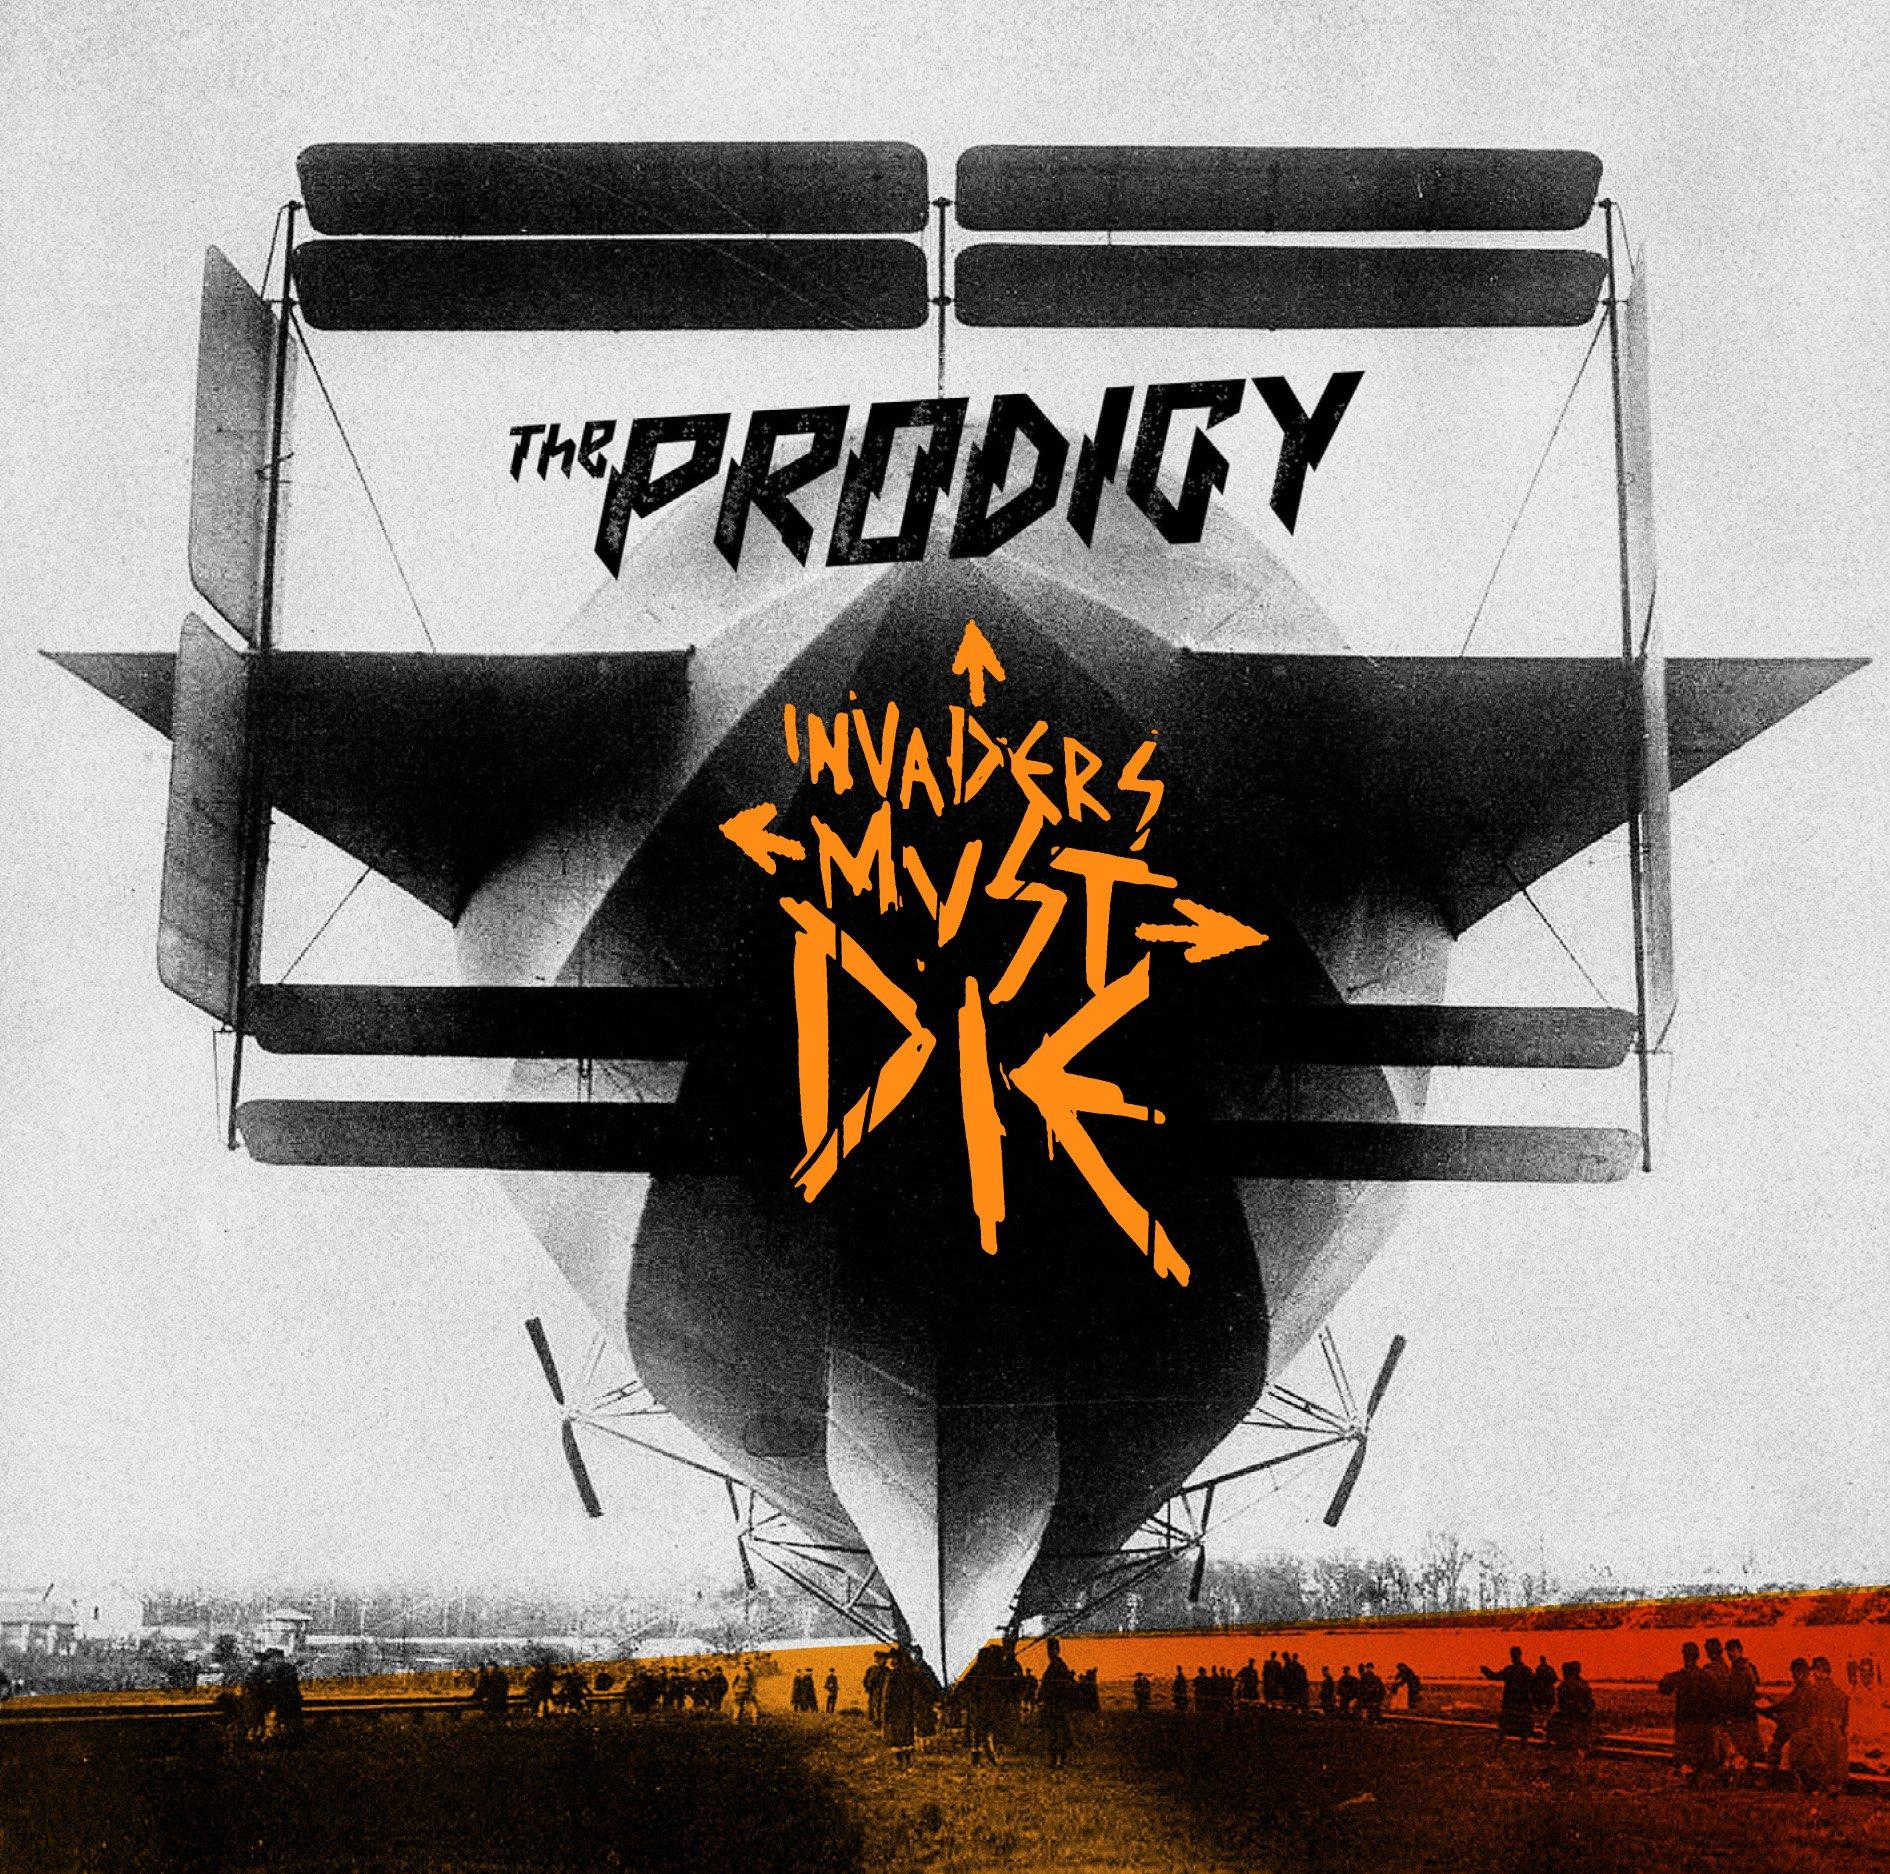 Invaders Must Die by Cooking Vinyl